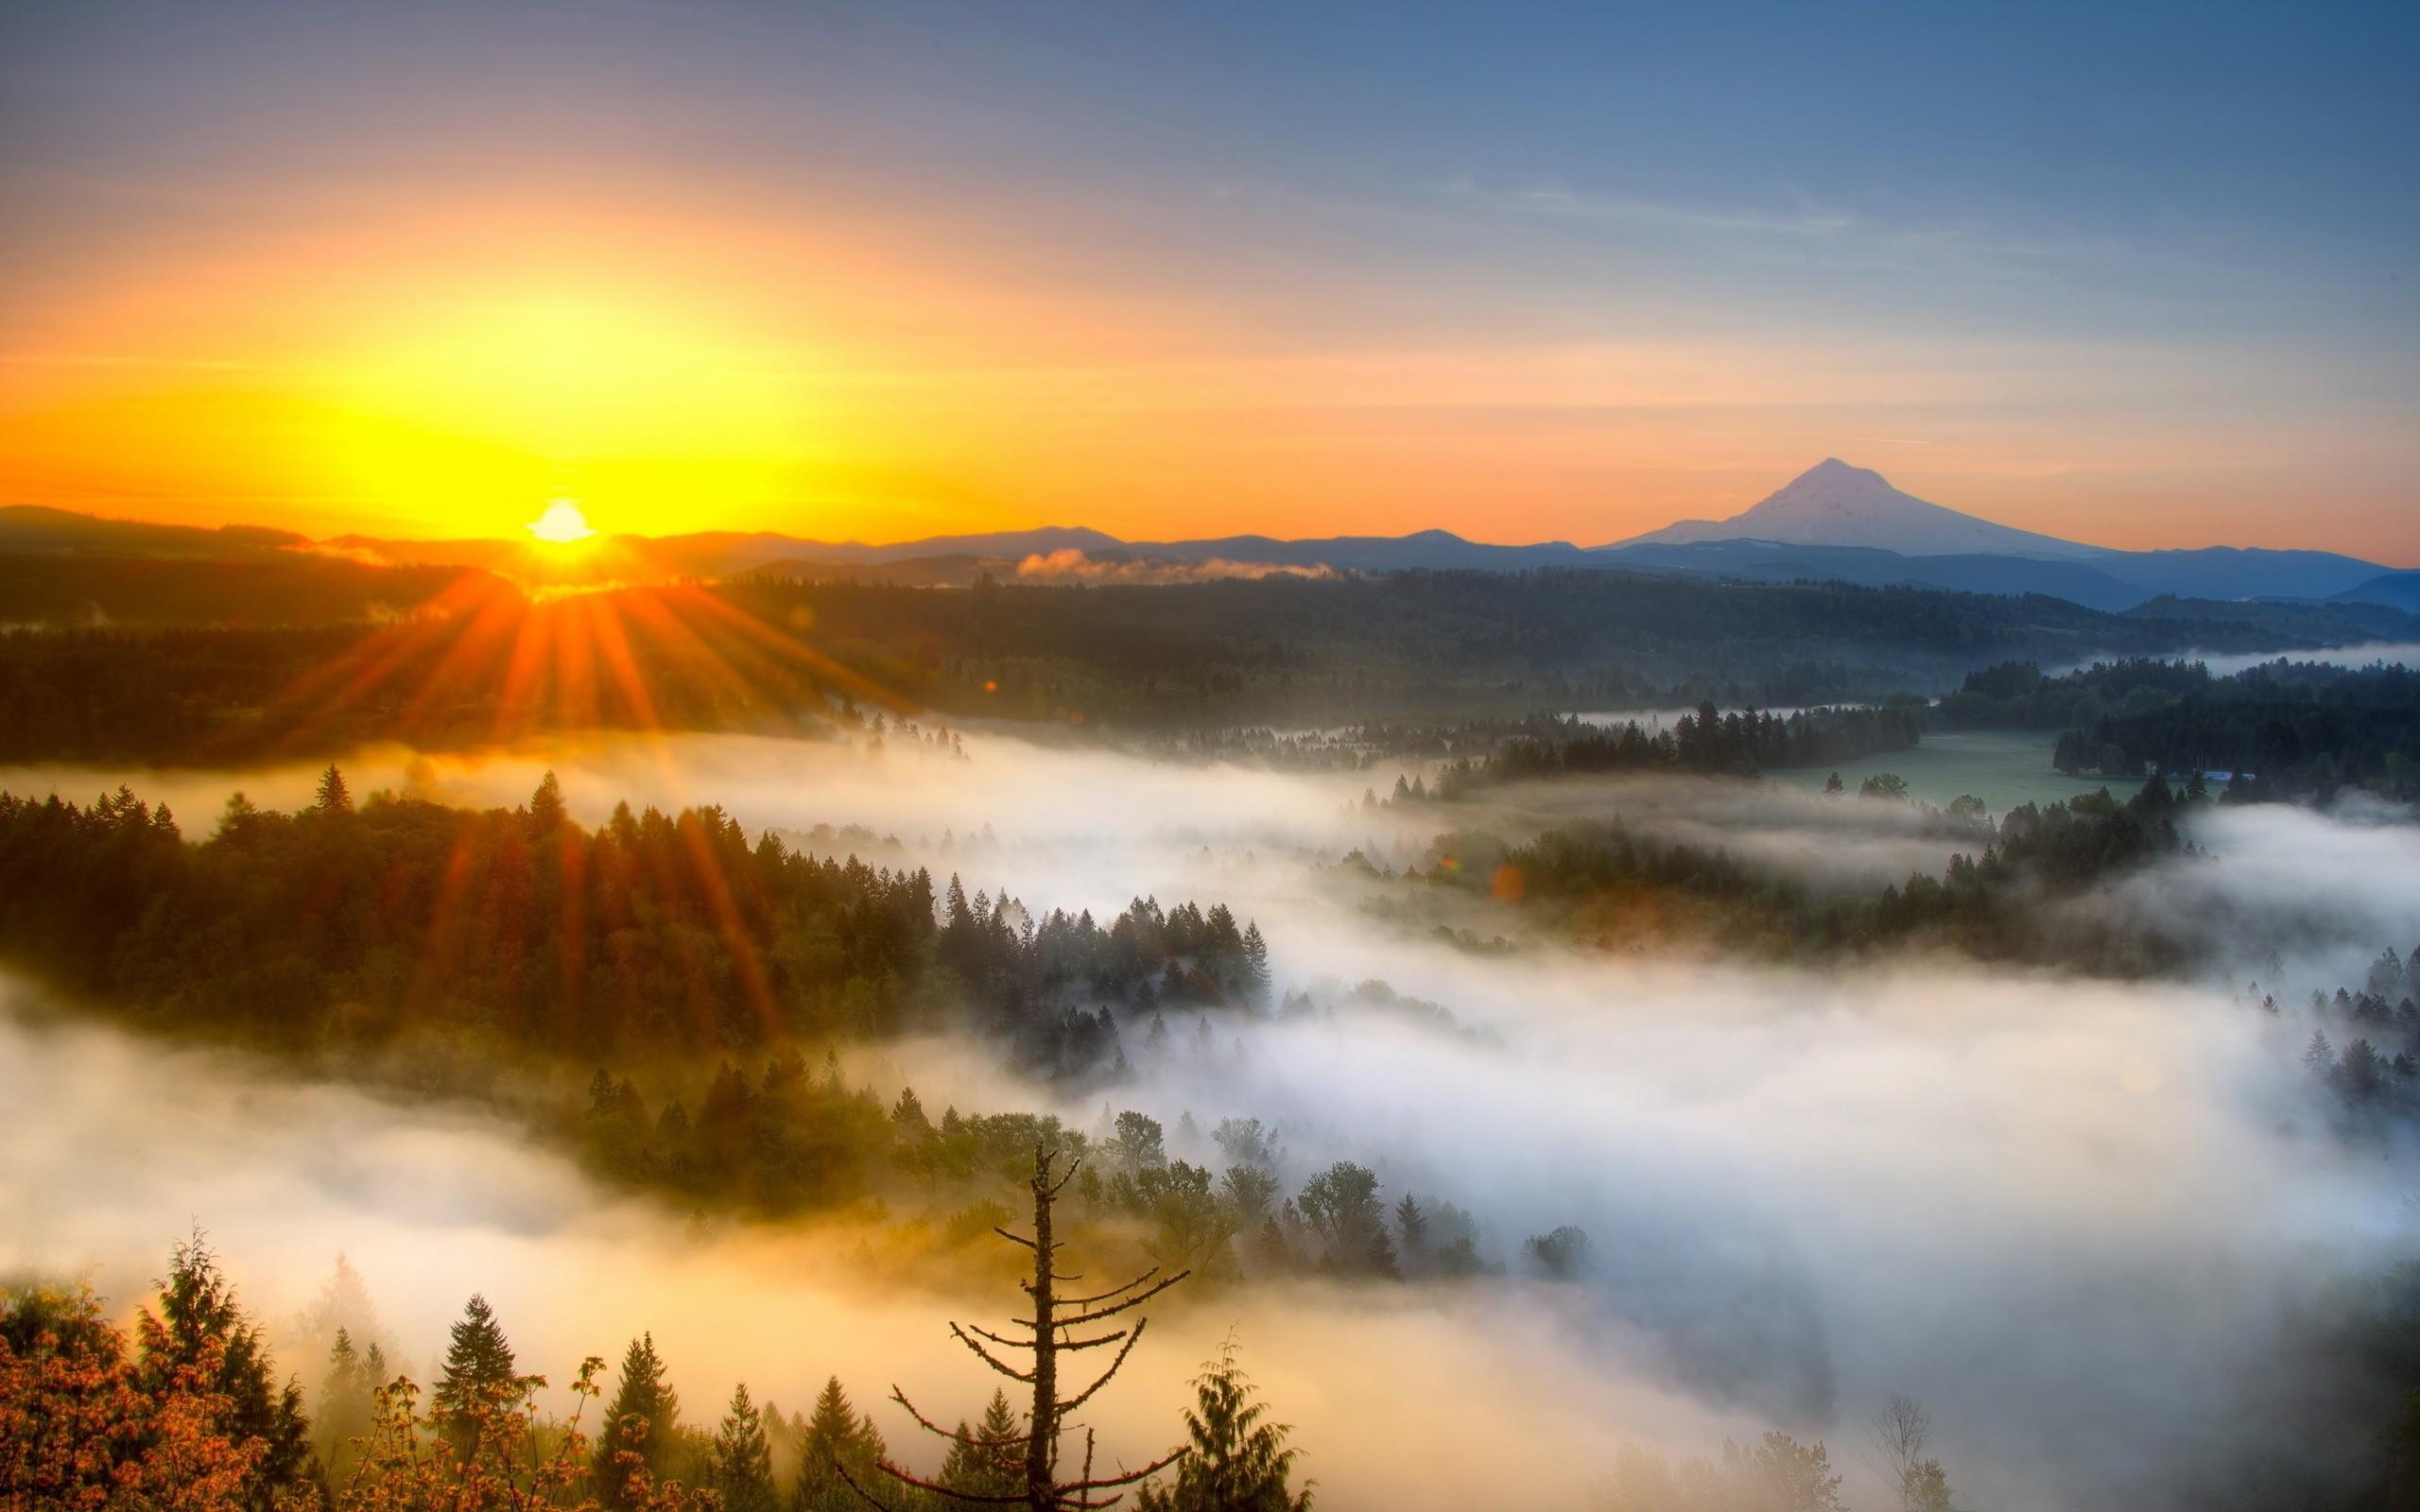 Morning Sunrise | Morning mist mountain sunrise Wallpaper |  wallpaper download